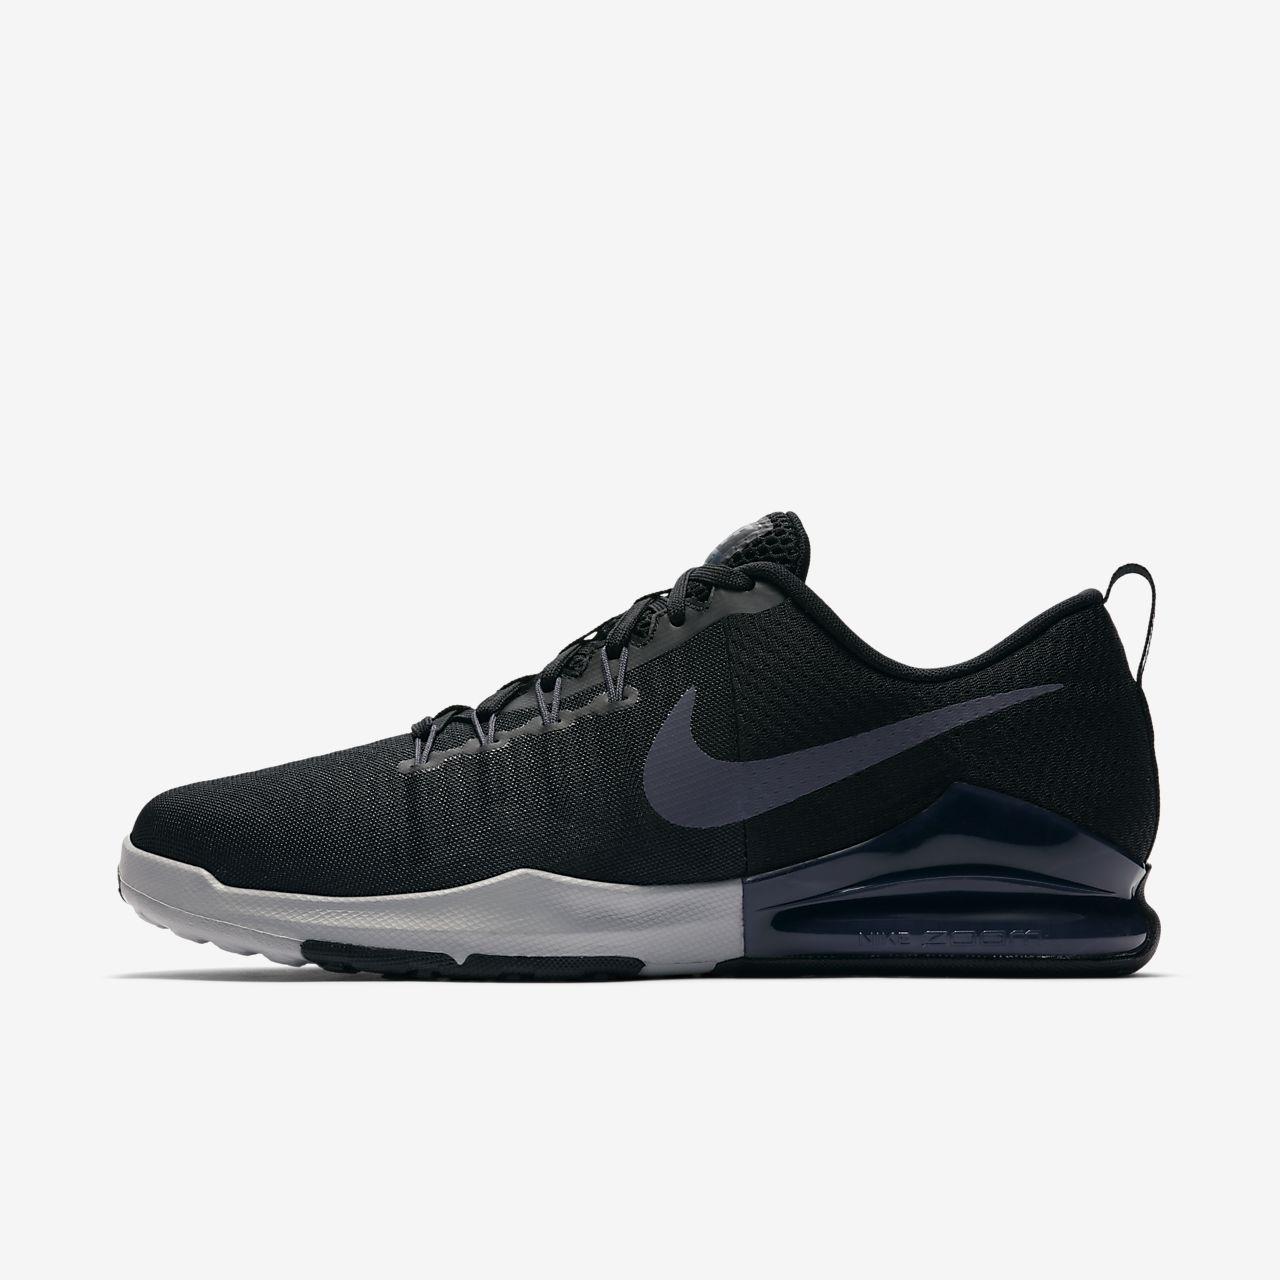 NEU Nike Zoom Train Action Herren Schuhe Schwarz Blau 852438 014 SALE